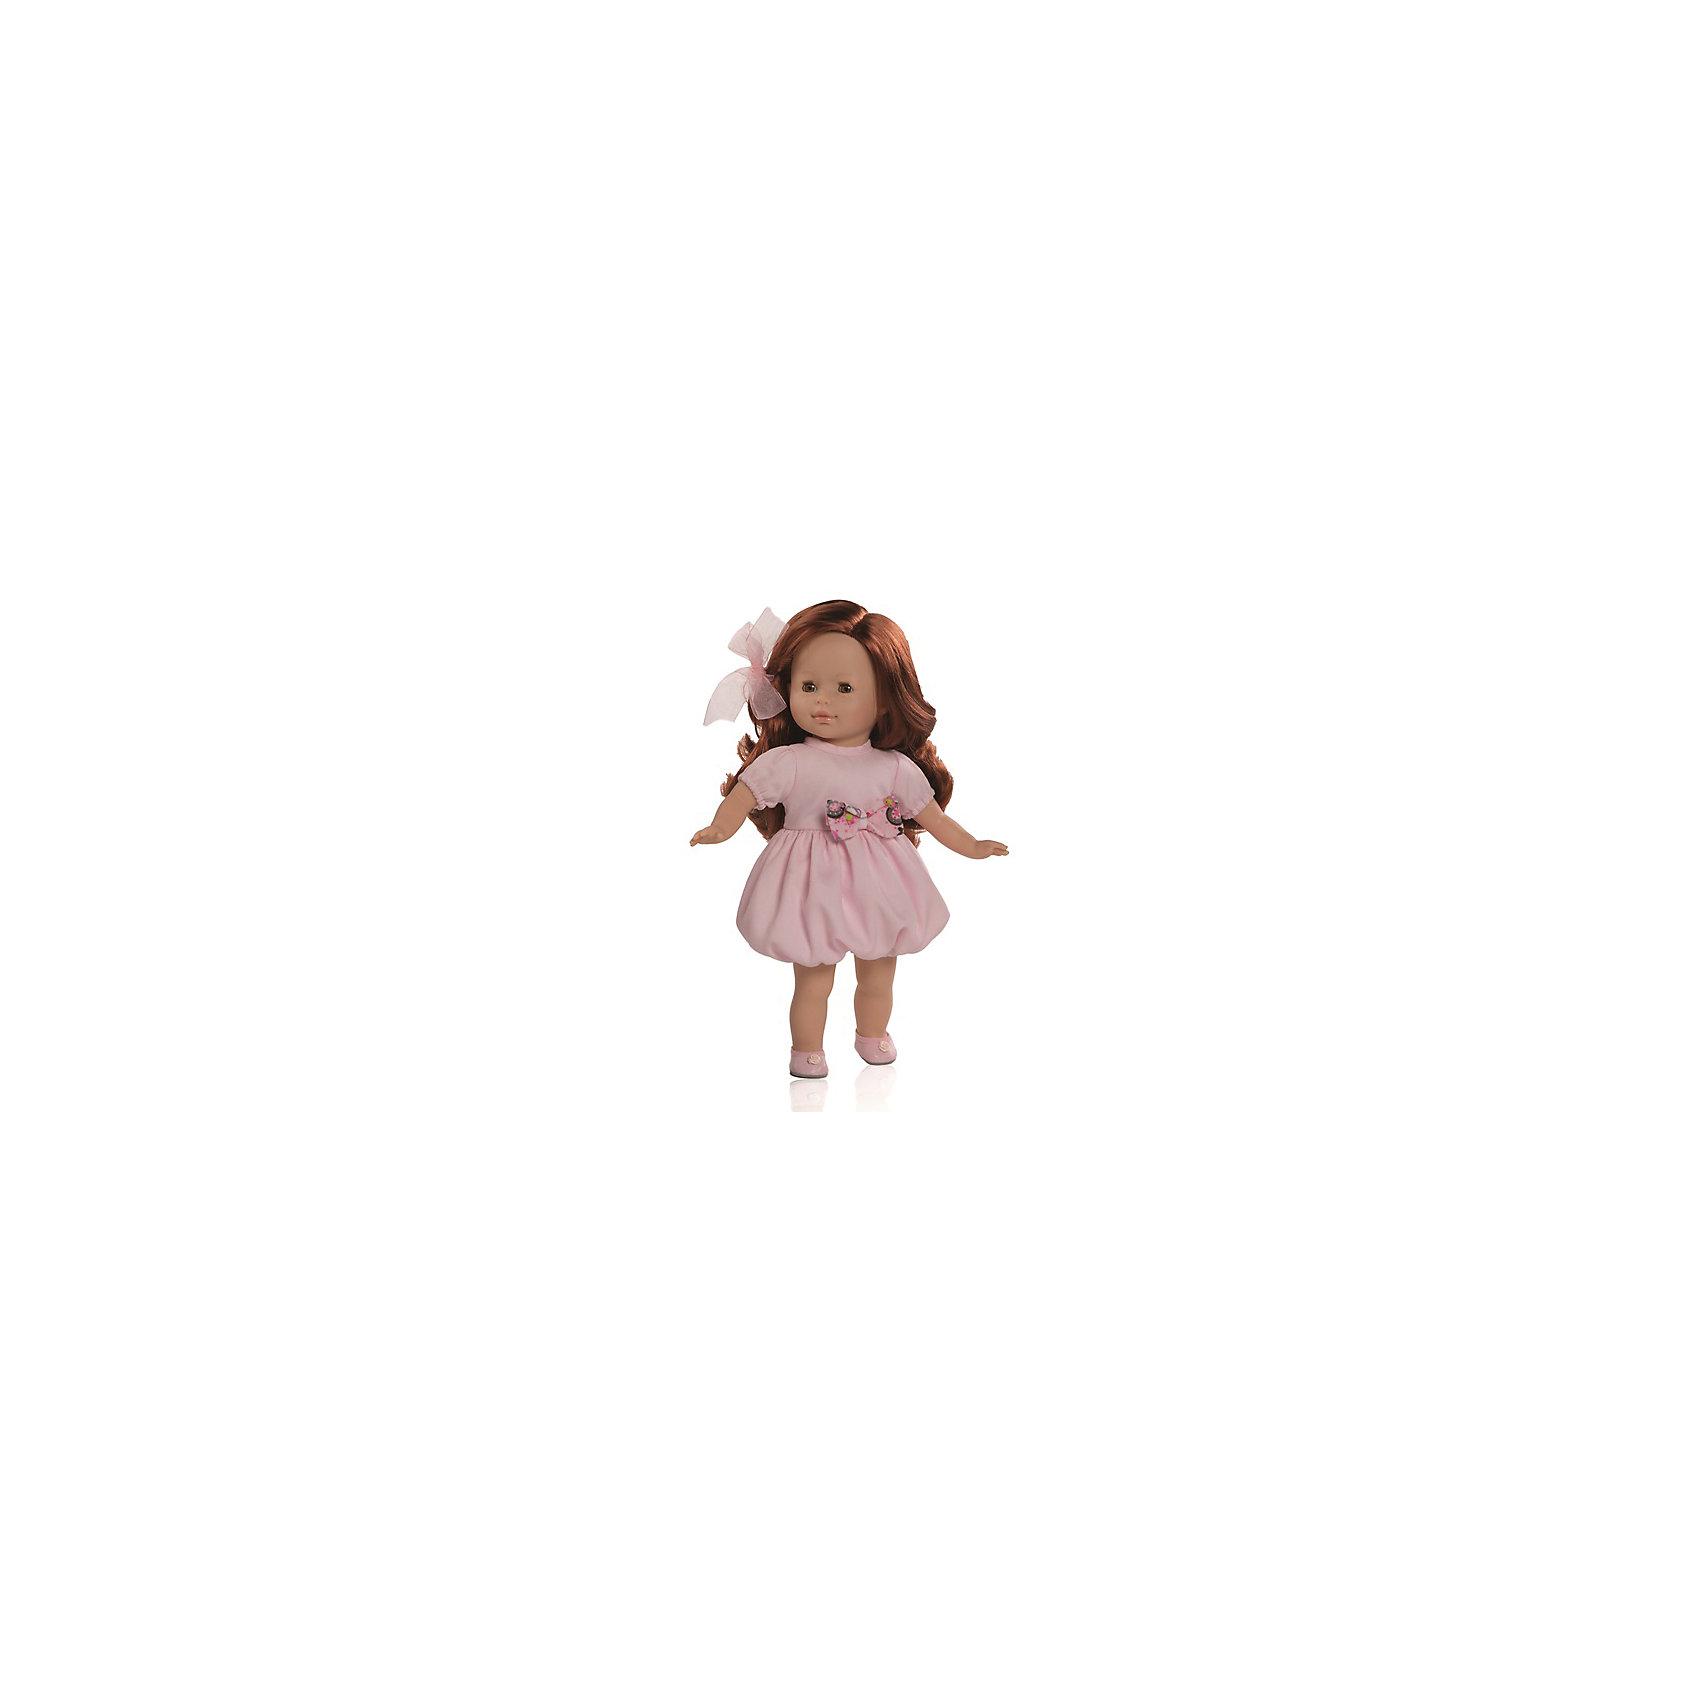 Кукла Анна, 36 см, Paola ReinaБренды кукол<br>Куклы Паола Рейна с мягконабивным телом, имеют нежный ванильный аромат, одеты в модную яркую одежду с аксессуарами. Выразительная мимика, уникальный и неповторимый дизайн лица и тела.<br>Качество подтверждено нормами безопасности EN71 ЕЭС. <br>Материалы: кукла изготовлена из винила; глаза выполнены в виде кристалла из прозрачного твердого пластика; волосы сделаны из высококачественного нейлона.<br><br>Дополнительная информация:<br><br>- Высота куклы:  36 см<br><br>Куклу Анна, 36 см, Paola Reina (Паола Рейна) можно купить в нашем магазине.<br><br>Ширина мм: 120<br>Глубина мм: 240<br>Высота мм: 490<br>Вес г: 1000<br>Возраст от месяцев: 36<br>Возраст до месяцев: 144<br>Пол: Женский<br>Возраст: Детский<br>SKU: 4086806